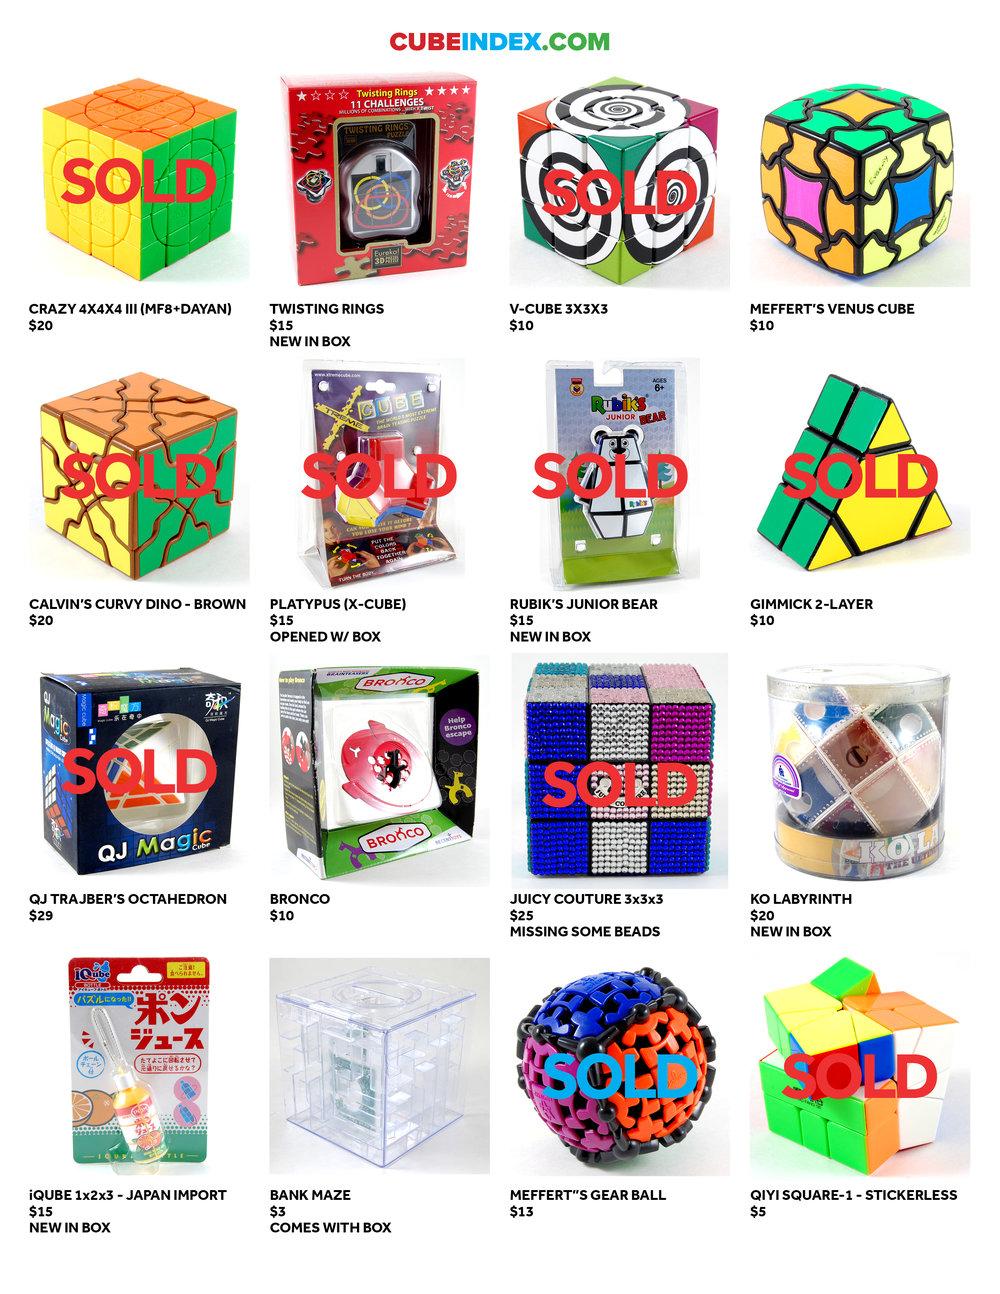 cube-index-for-sale-catalog-april-2017-v57.jpg